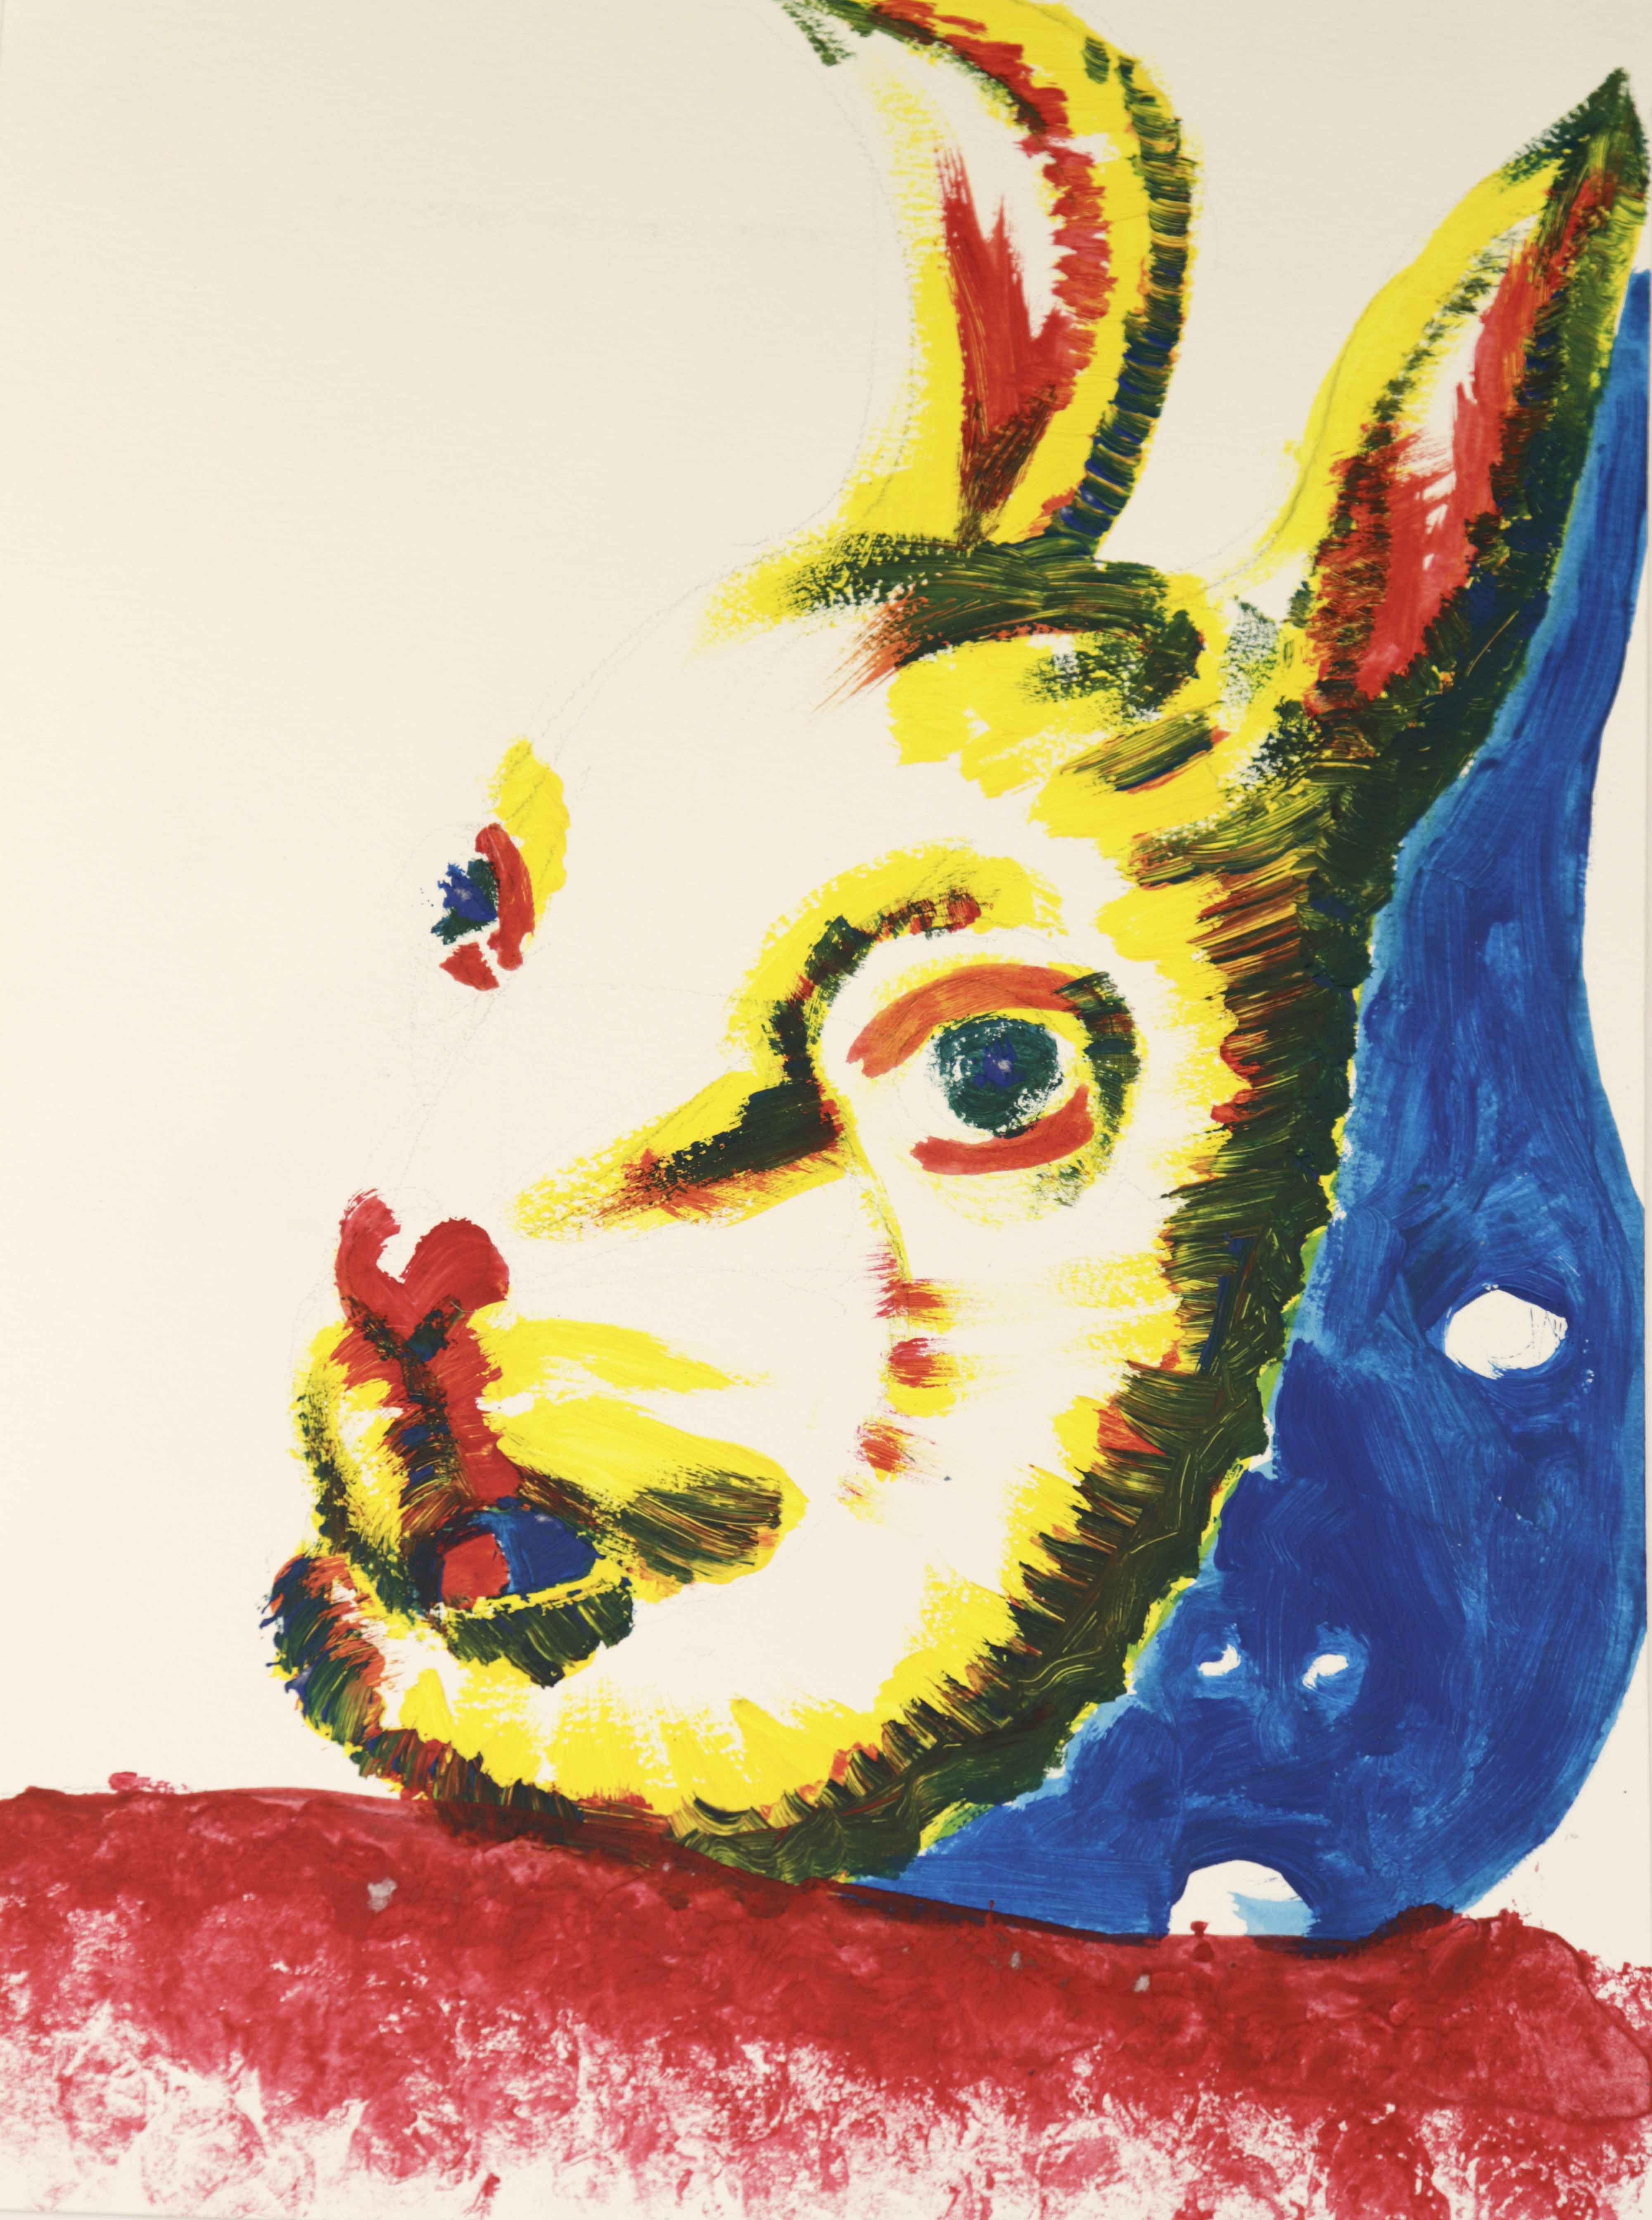 Peinture acrylique sur papier t�te de lapin  cours de dessin